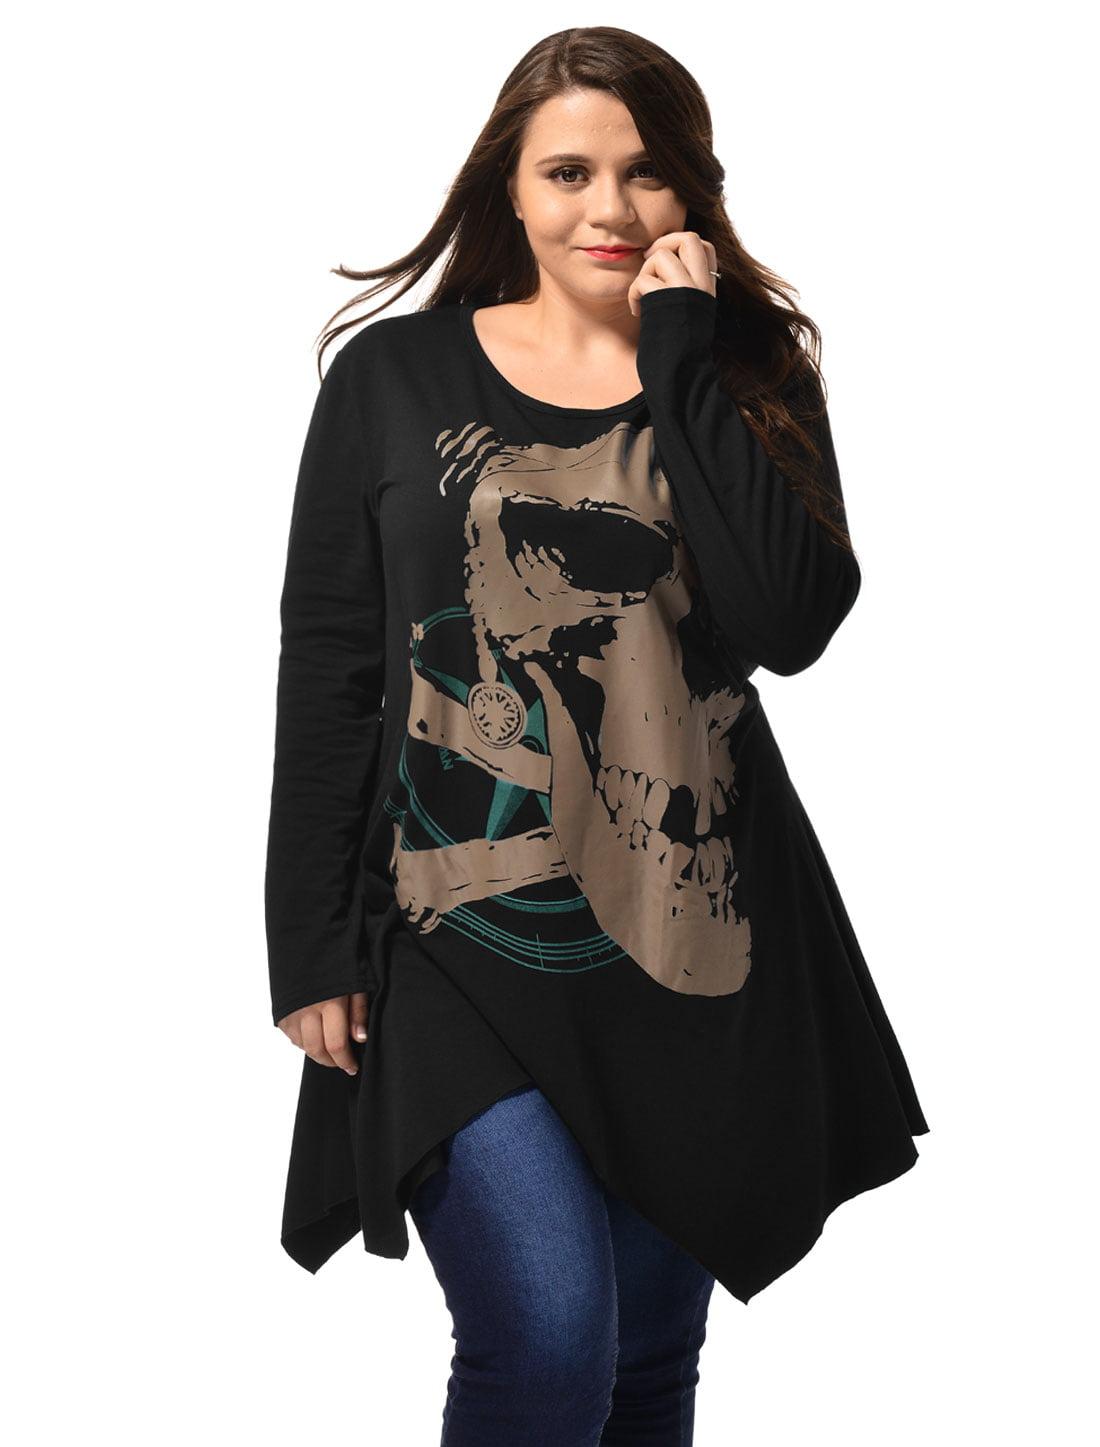 Unique Bargains Women's Long Sleeve Asymmetric Hem Skull Print Plus Size Blouse T-Shirt Black (Size 3X)